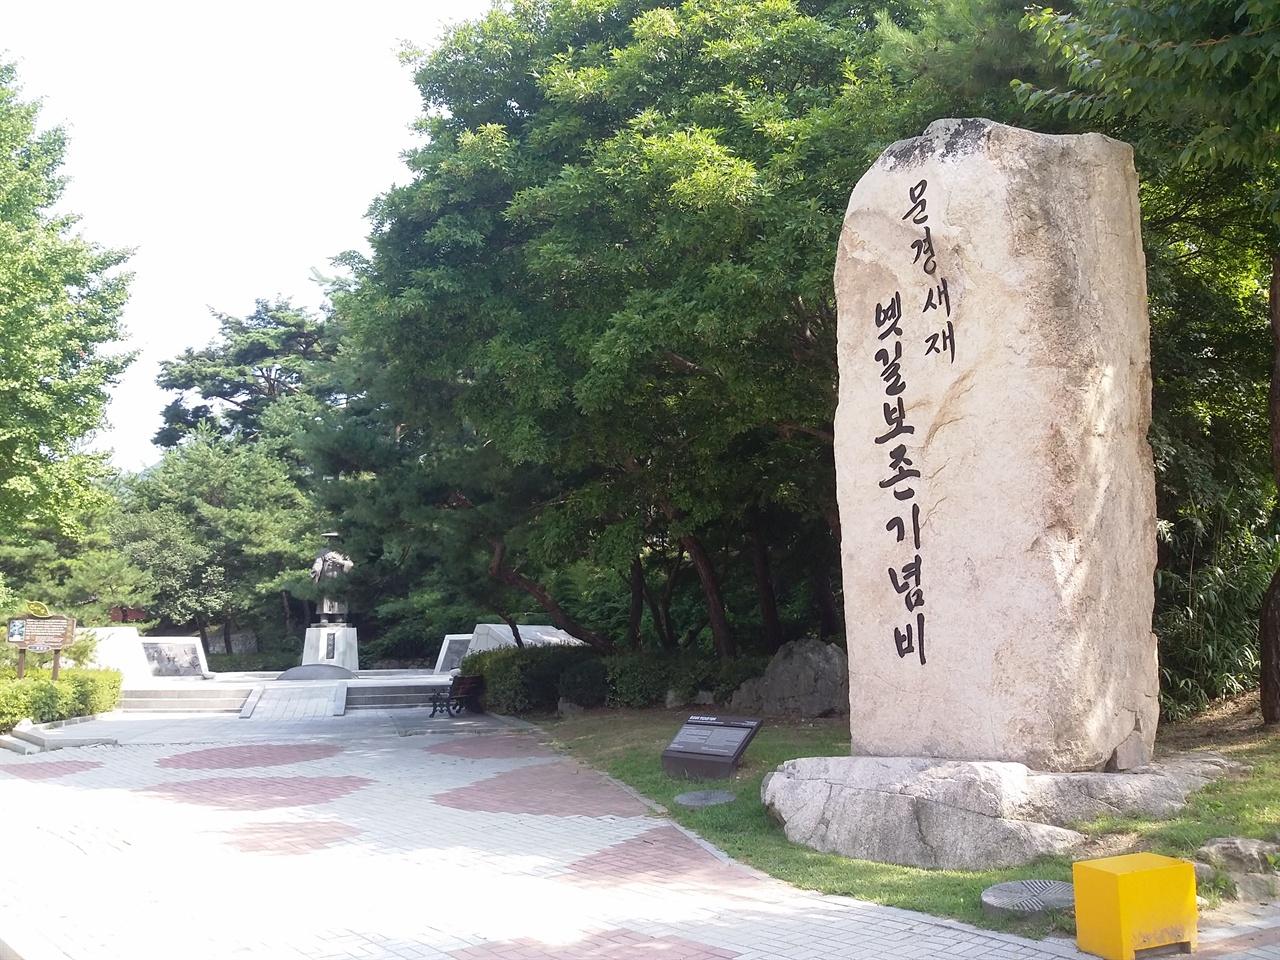 문경새재 입구에 세워진 옛길보존기념비.